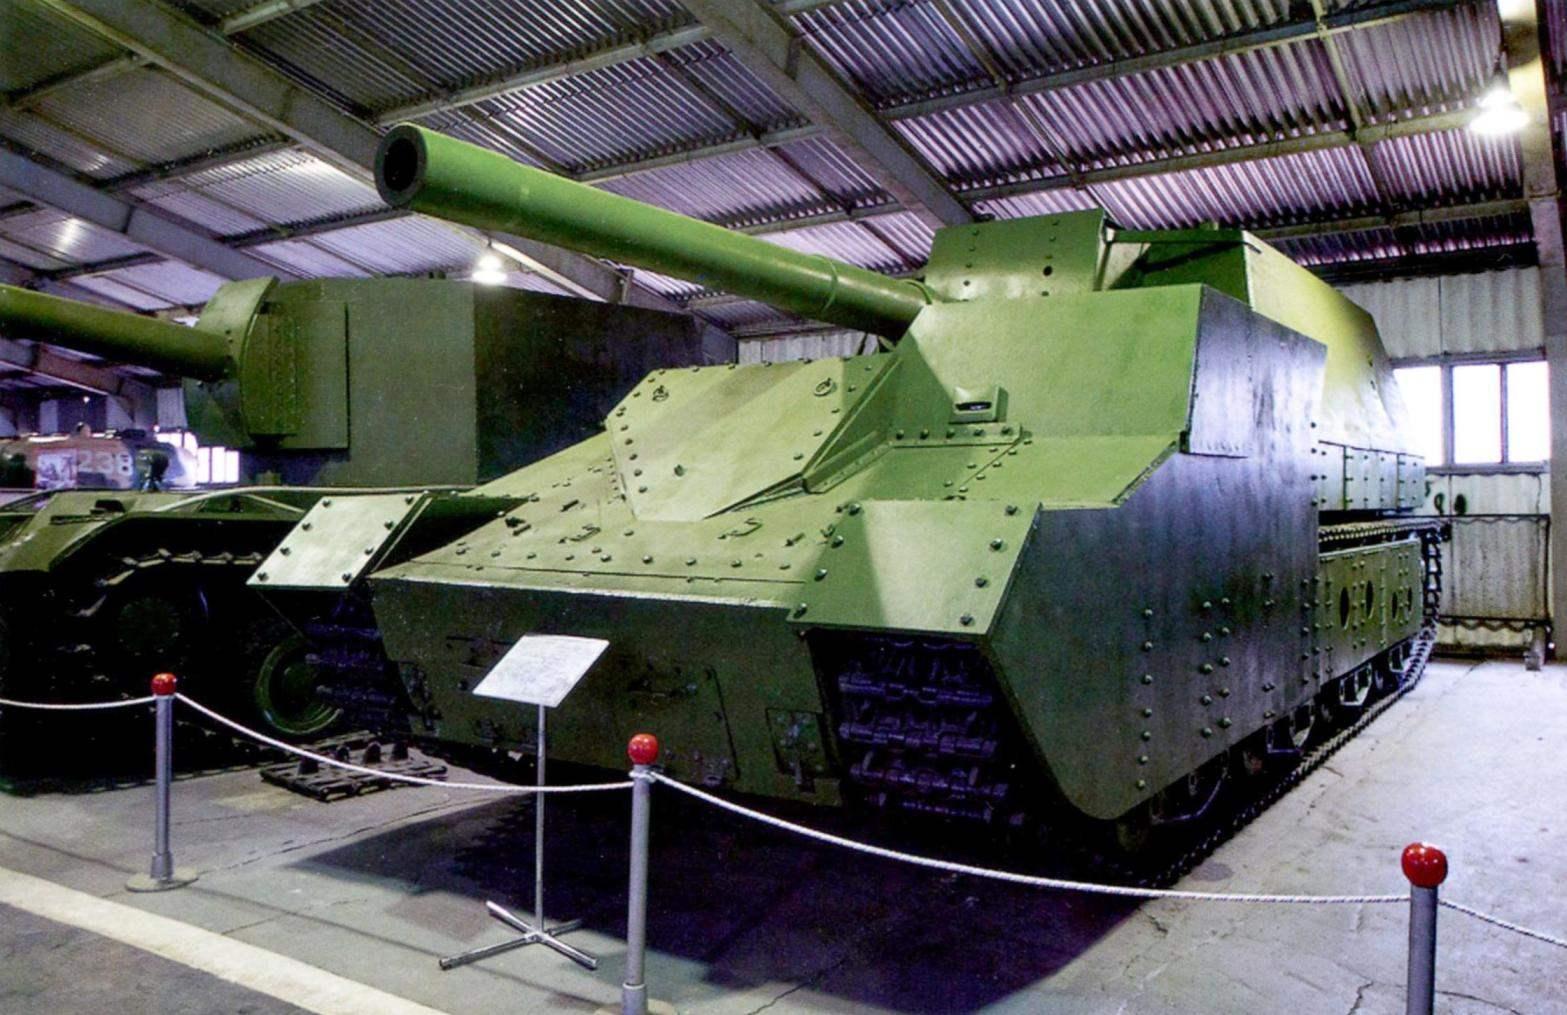 Самоходная 152,4-мм установка СУ-14Бр-2 с закрытой броневой рубкой. Военноисторический музей бронетанкового вооружения в подмосковной Кубинке